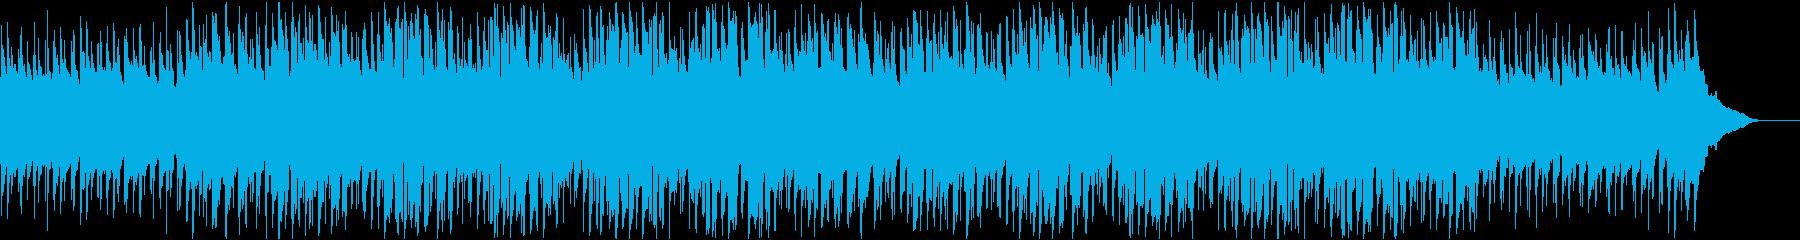 日常/オープニング/トーク/雑談/子供の再生済みの波形